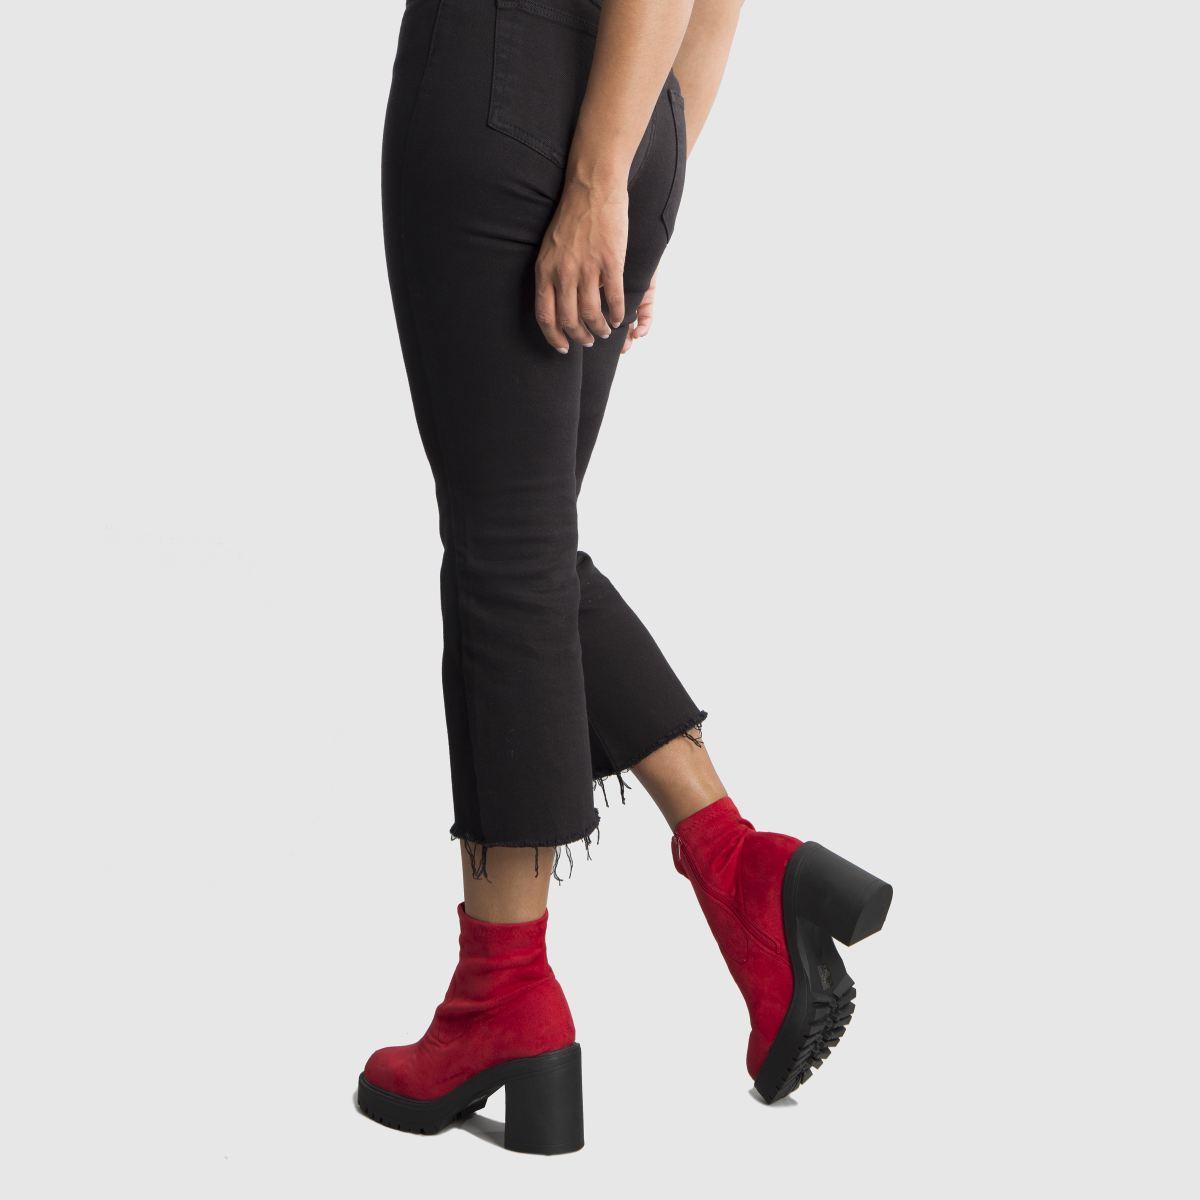 Damen Rot schuh Splendid beliebte Boots | schuh Gute Qualität beliebte Splendid Schuhe 77872a